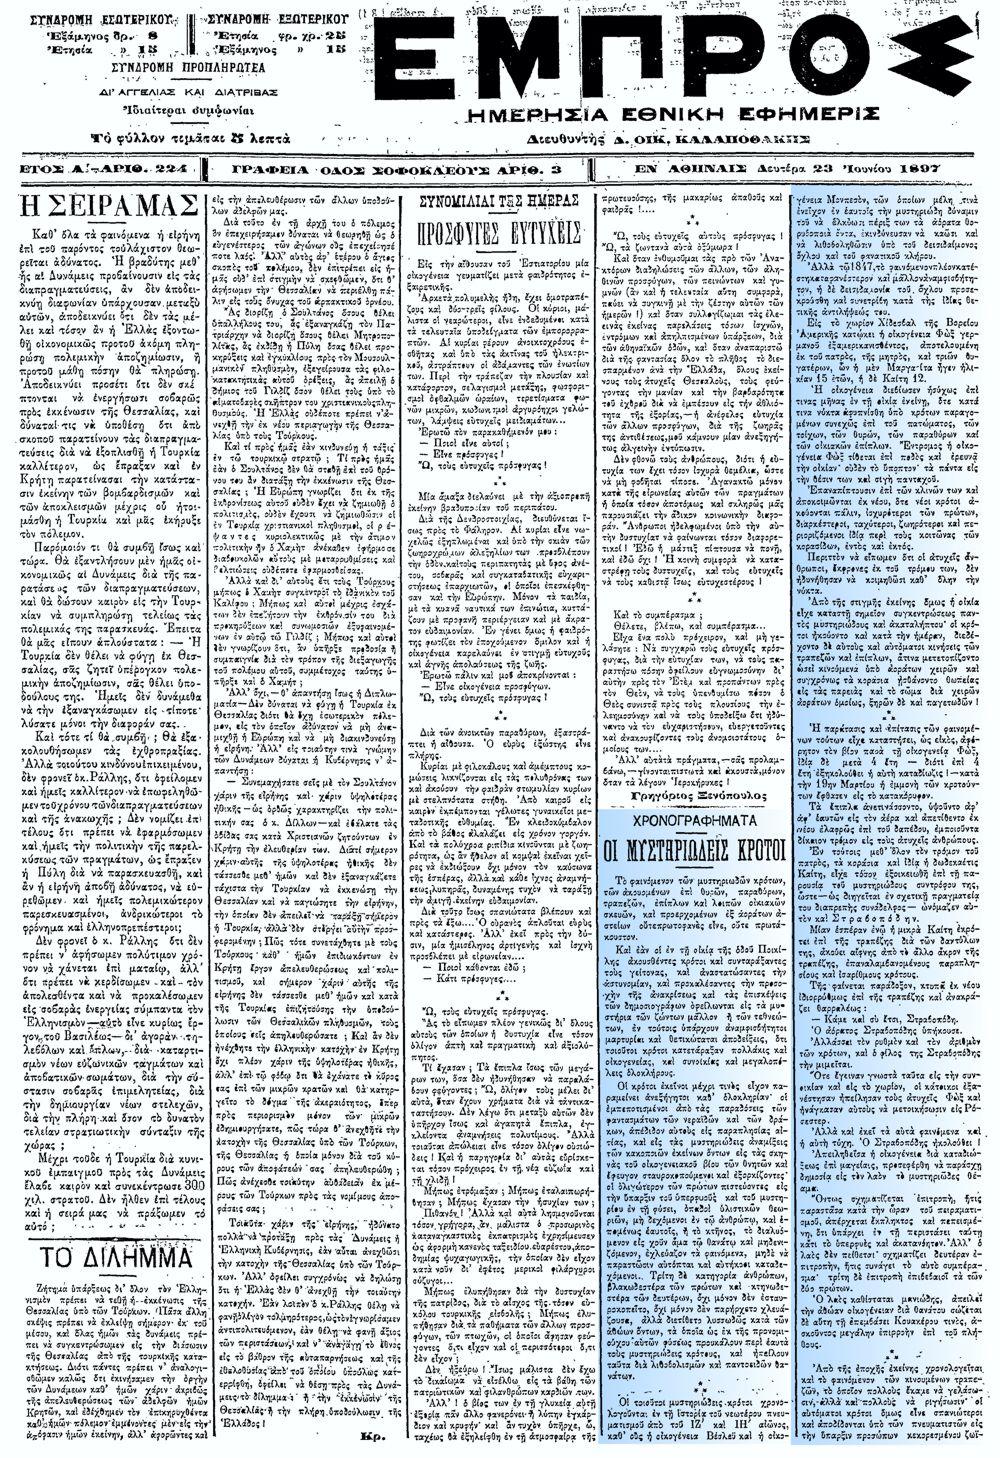 """Το άρθρο, όπως δημοσιεύθηκε στην εφημερίδα """"ΕΜΠΡΟΣ"""", στις 23/06/1897"""